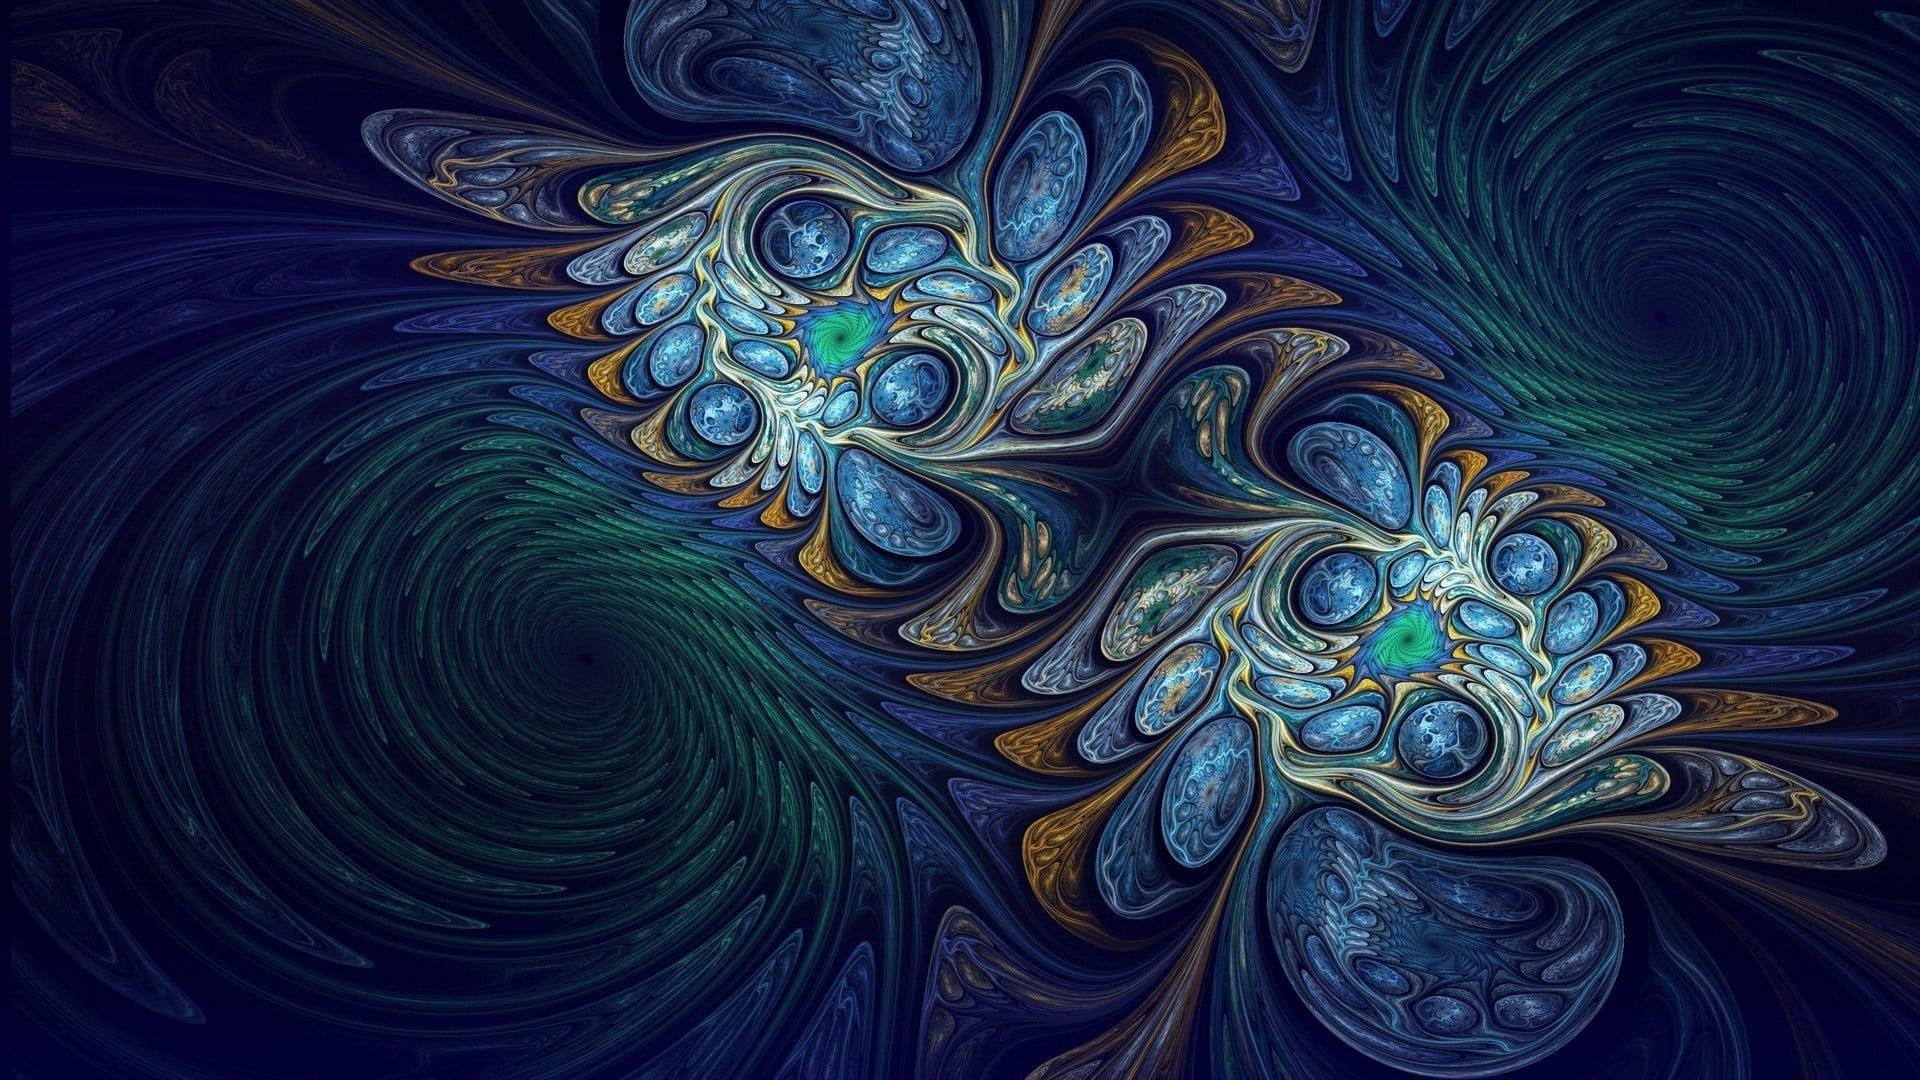 Красочные пузыри фрактальное искусство абстракция обои скачать